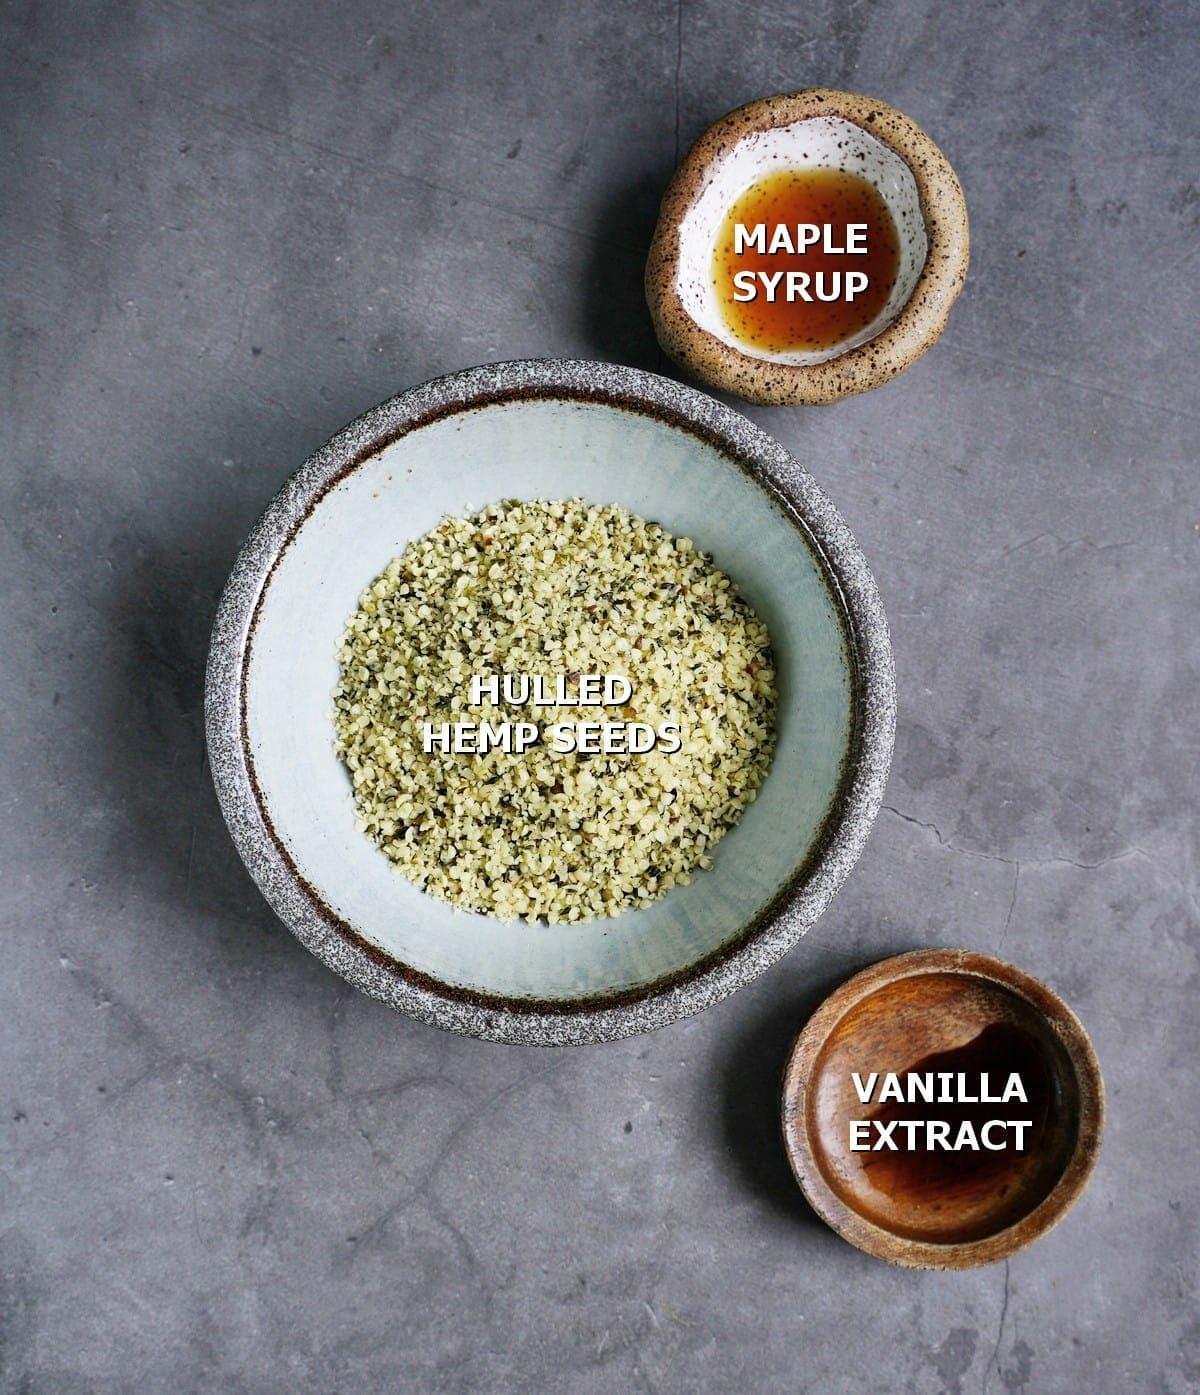 ingredients for plant-based mylk